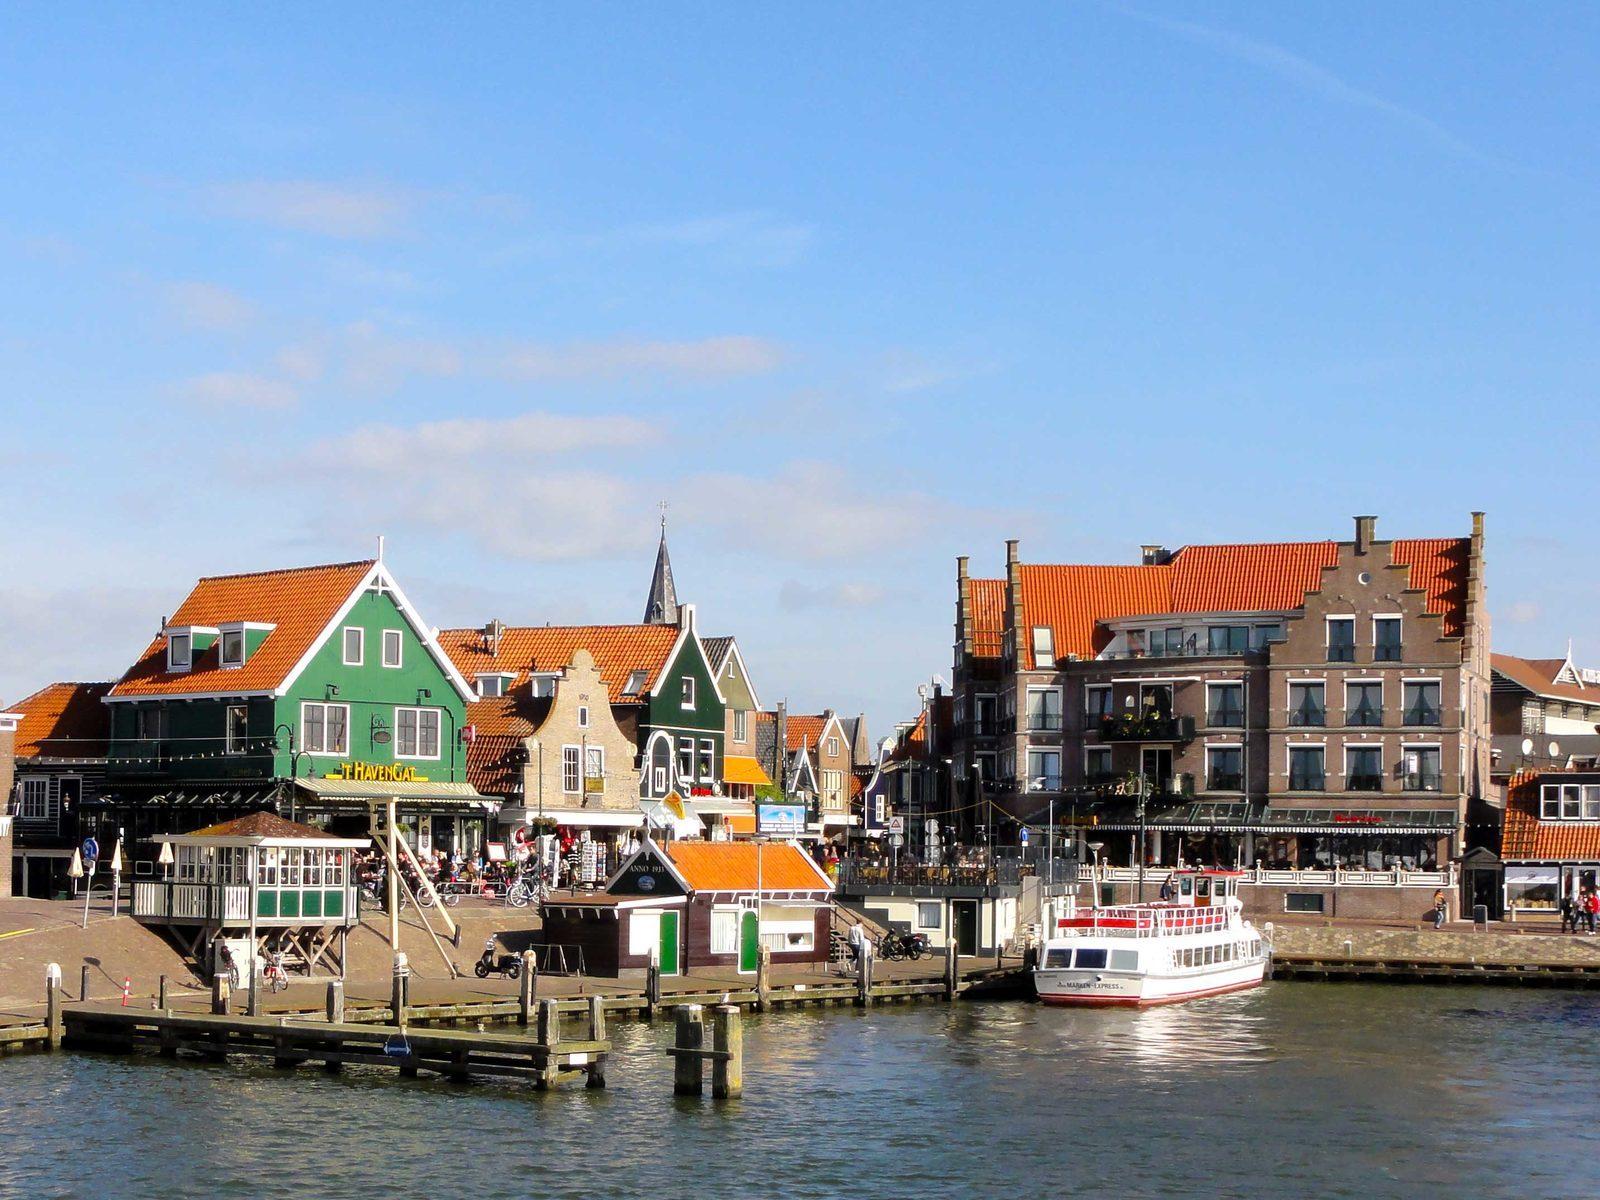 Ferienpark Volendam